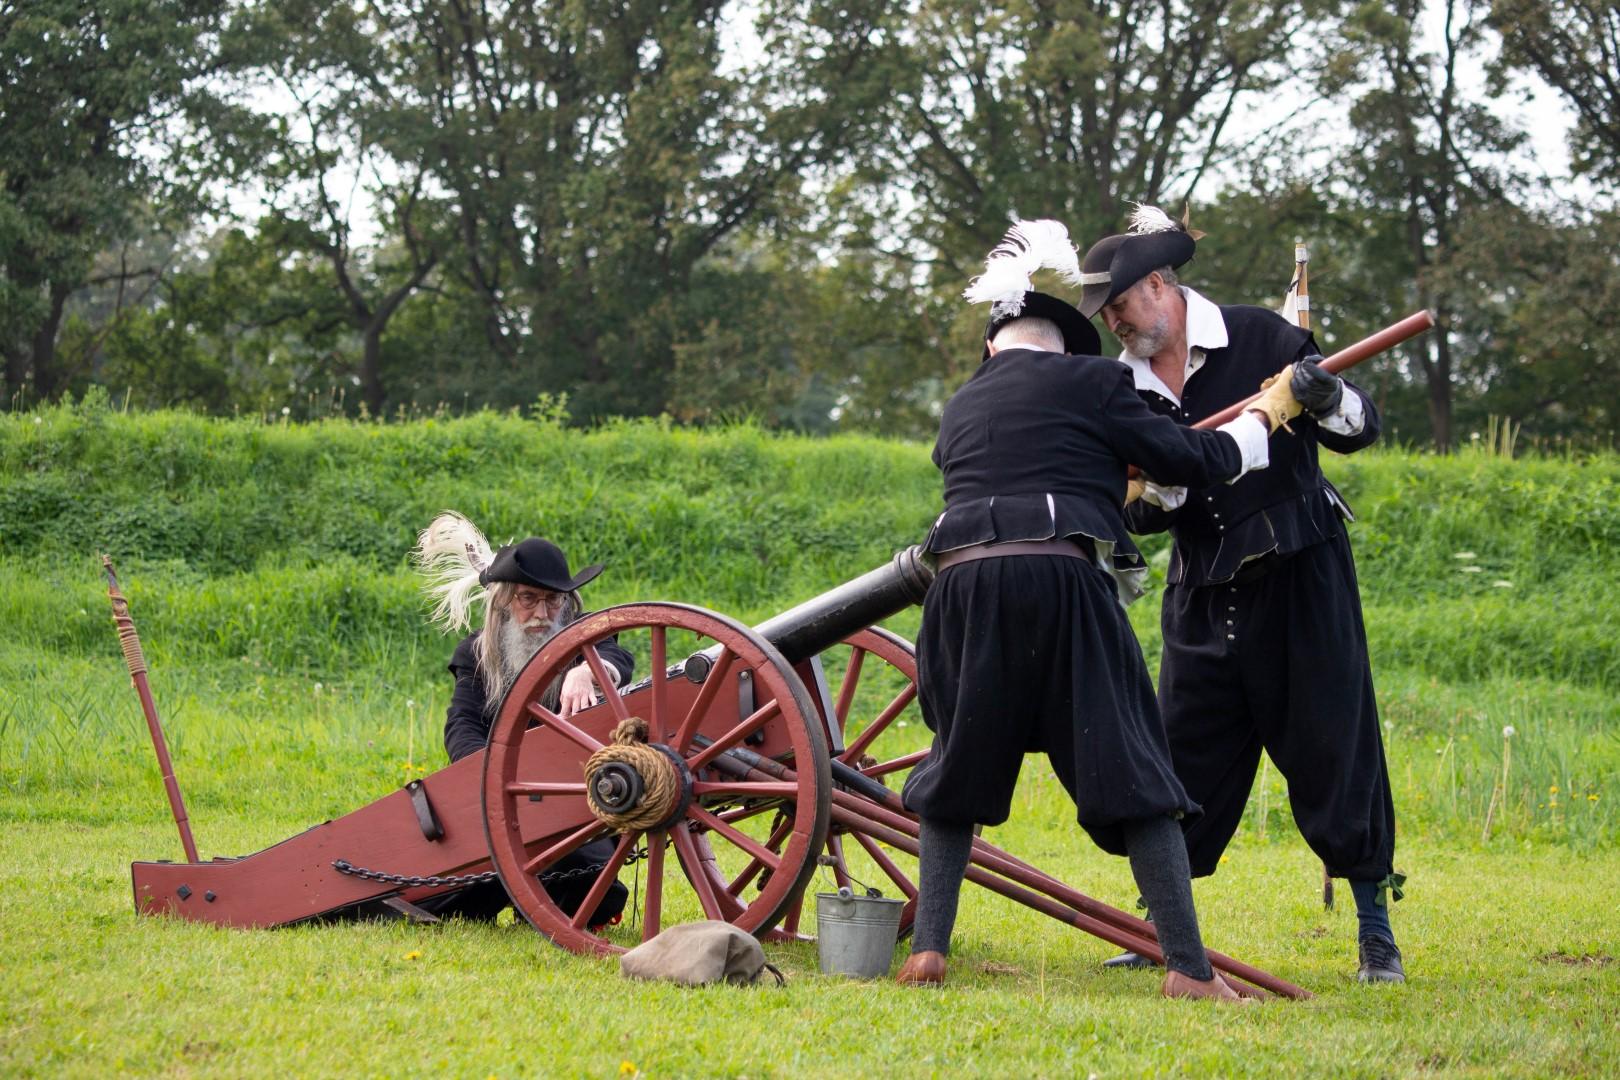 de borgerij demonstratie open monumentendag klederdracht kleding kanon LARP vroeger fort de roovere waterlinie